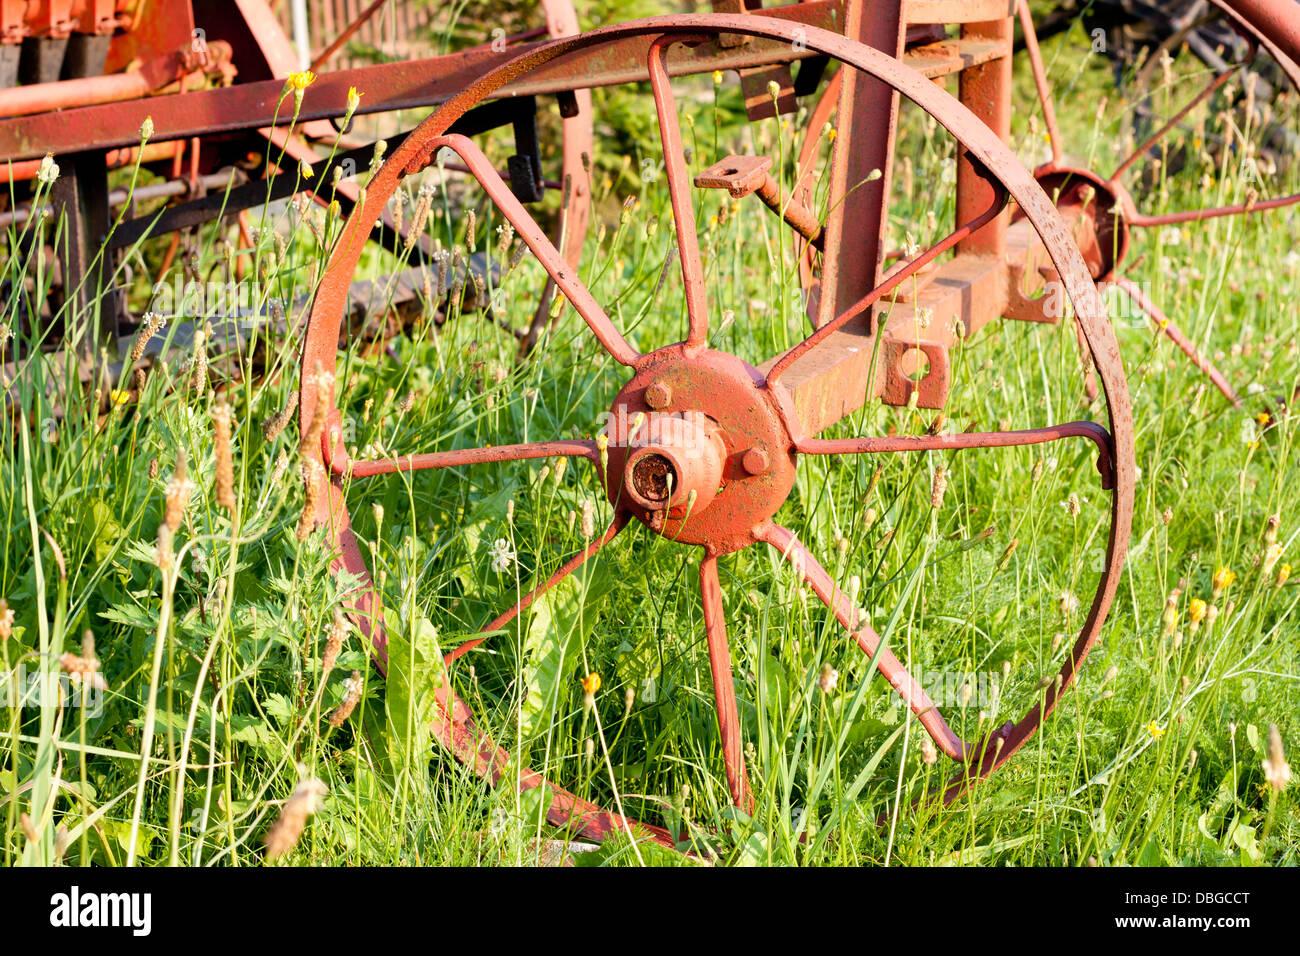 Vieille machines agricoles technologie dépassée concept Photo Stock